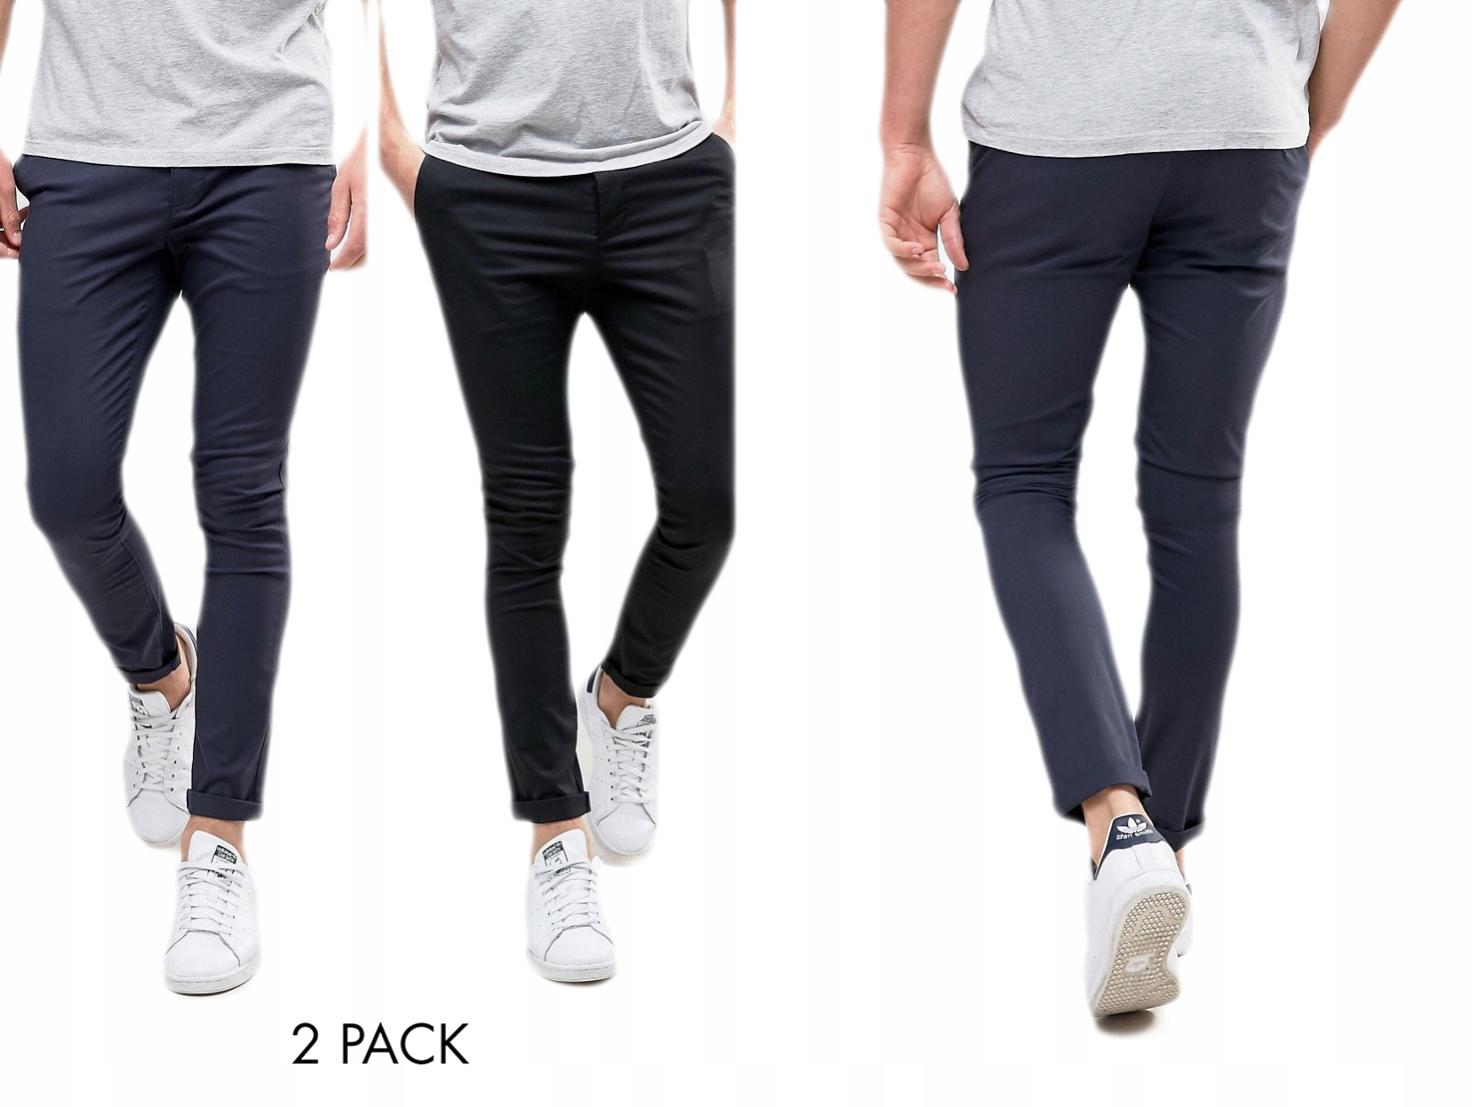 Spodnie Czarne Męskie proste na guziki W30 L34